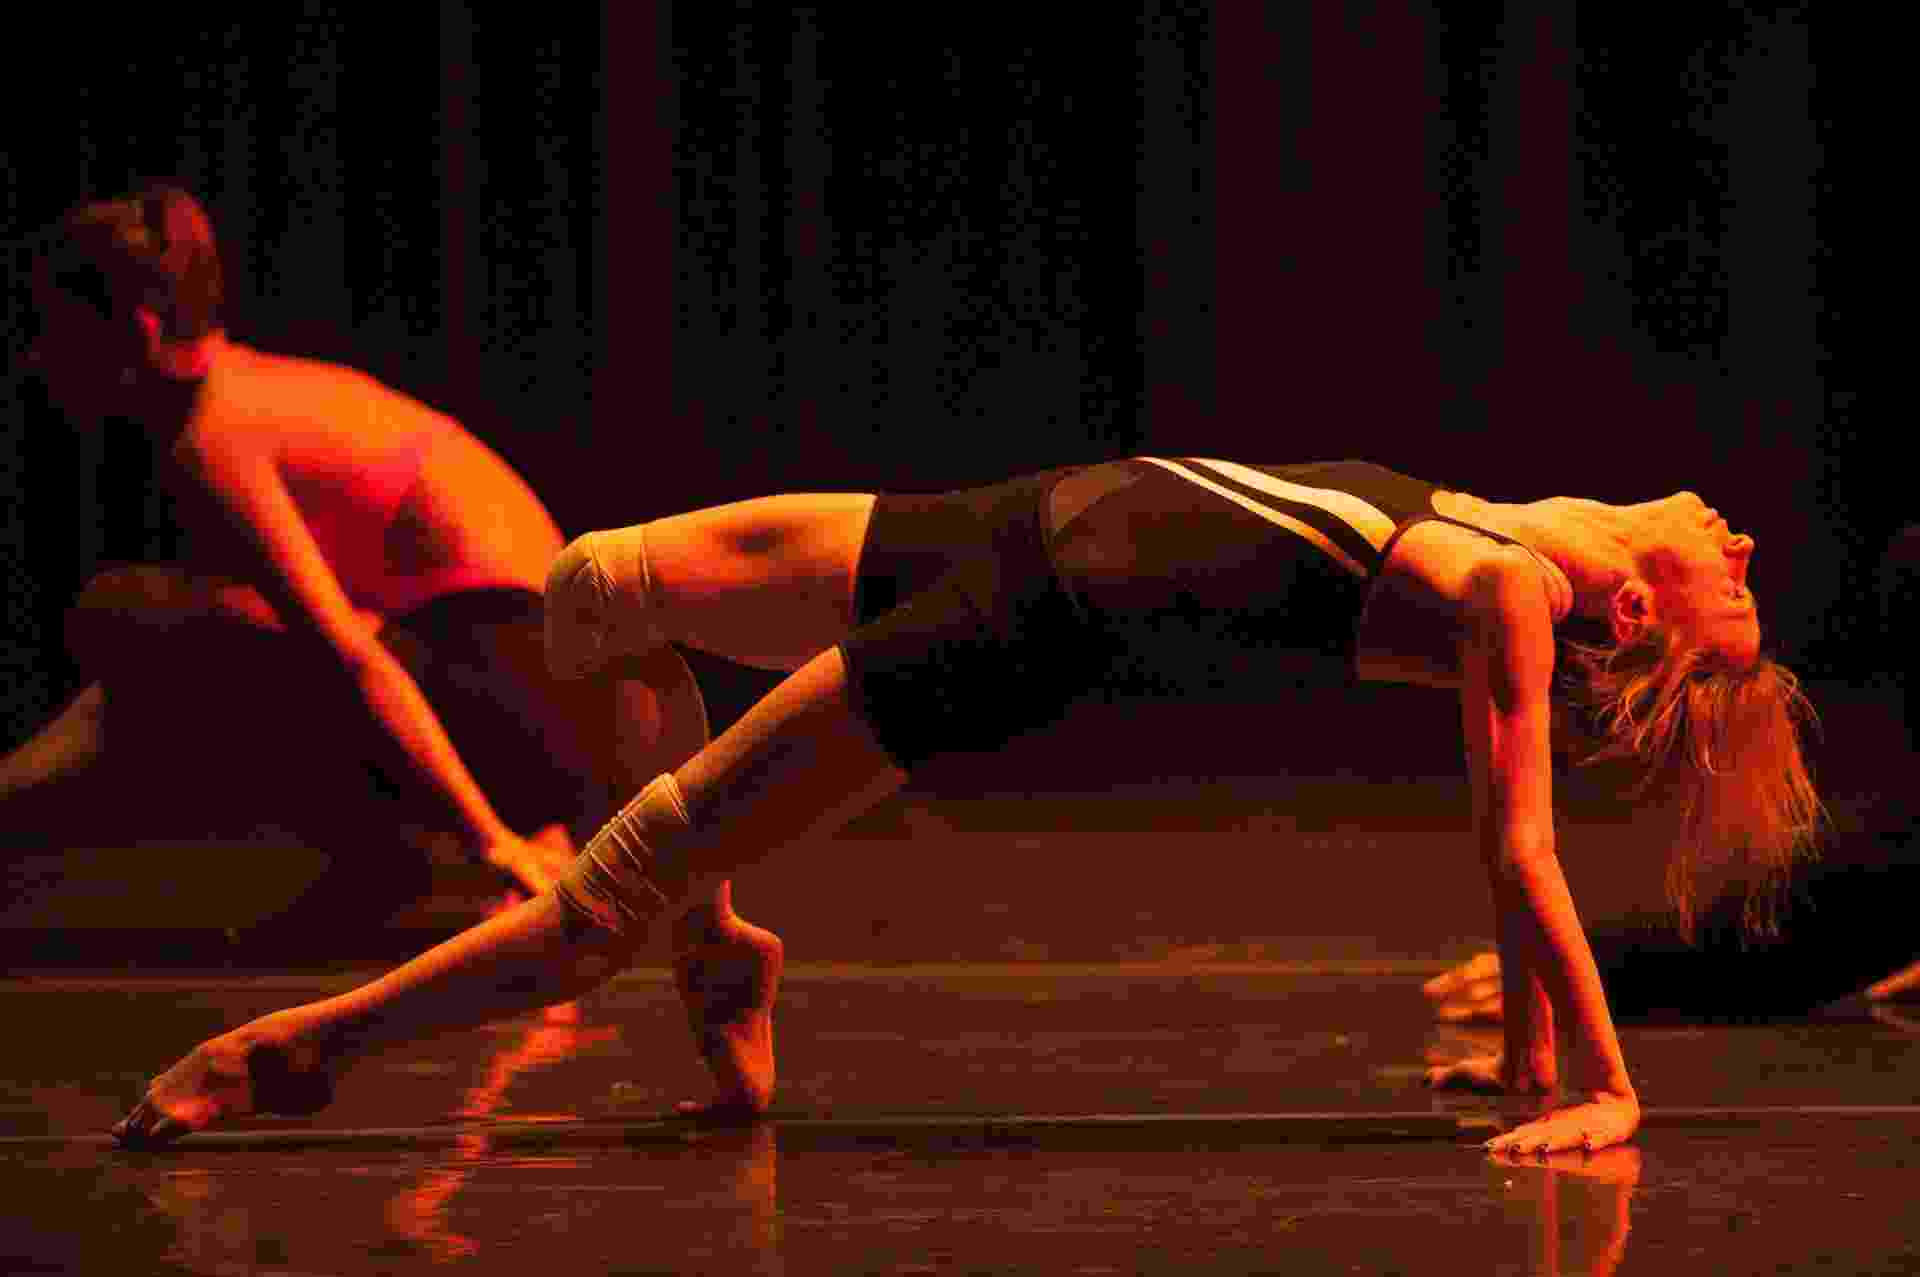 """16.dez.2015 - Grupo Corpo ensaia as coreografias """"Onqotô"""", com trilha sonora de Zé Miguel Wisnik e Caetano Veloso, e """"Parabelo"""", de Wisnik e Tom Zé, para apresentações no Auditório Ibirapuera, de 17 a 20 de dezembro. Os ingressos já estão esgotados. As apresentações encerram a comemoração de 40 anos da companhia, que também é homenageada com a exposição Ocupação Grupo Corpo 40 anos, até 17 de janeiro de 2016, no Itaú Cultural. - Reinaldo Canato/UOL"""